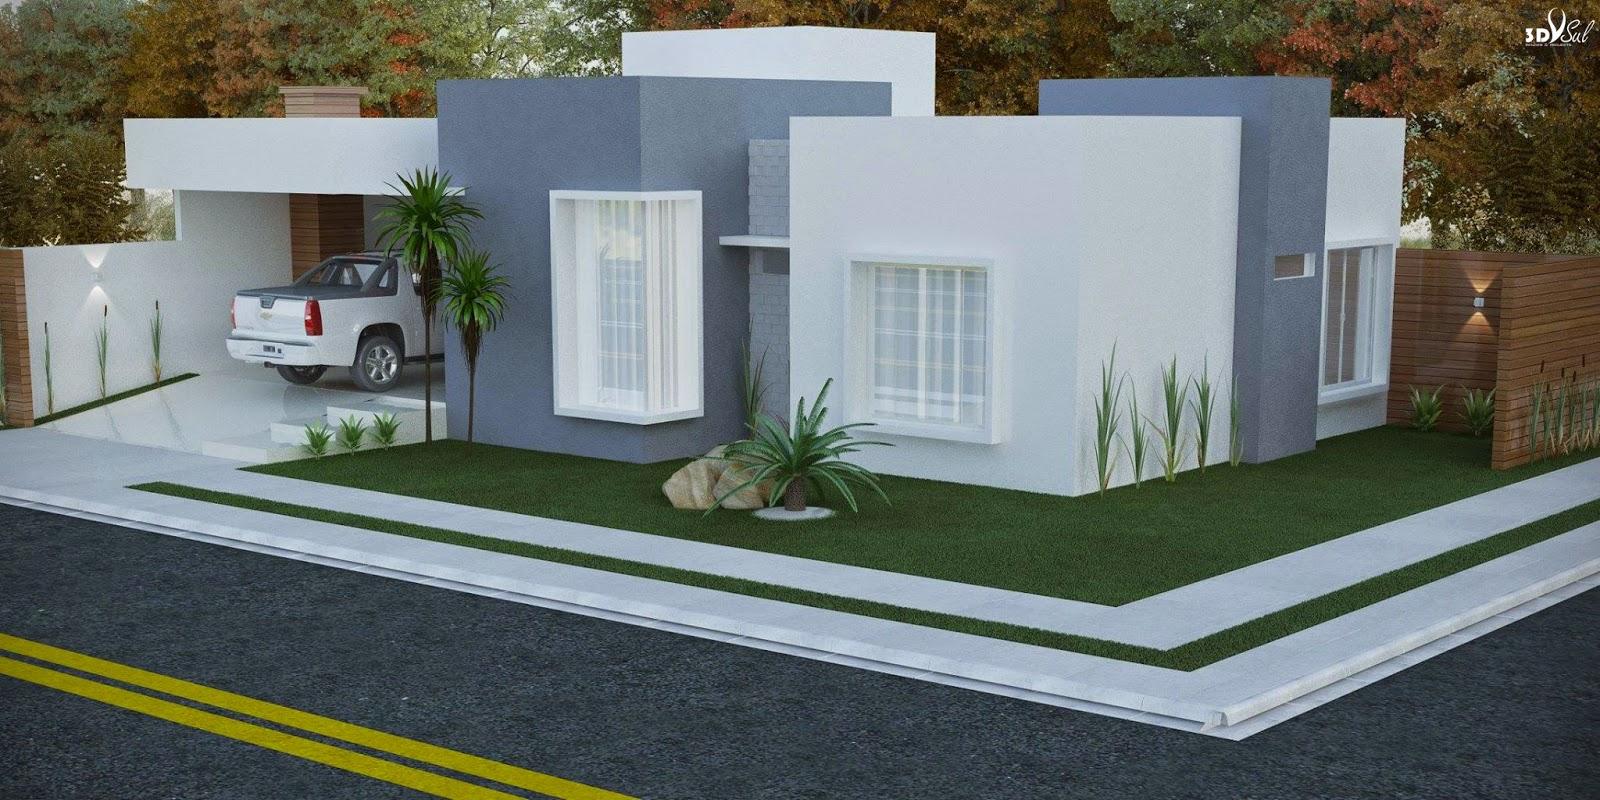 3dsul maquete eletr nica 3d projeto arquitetura for Casa moderna numero 2